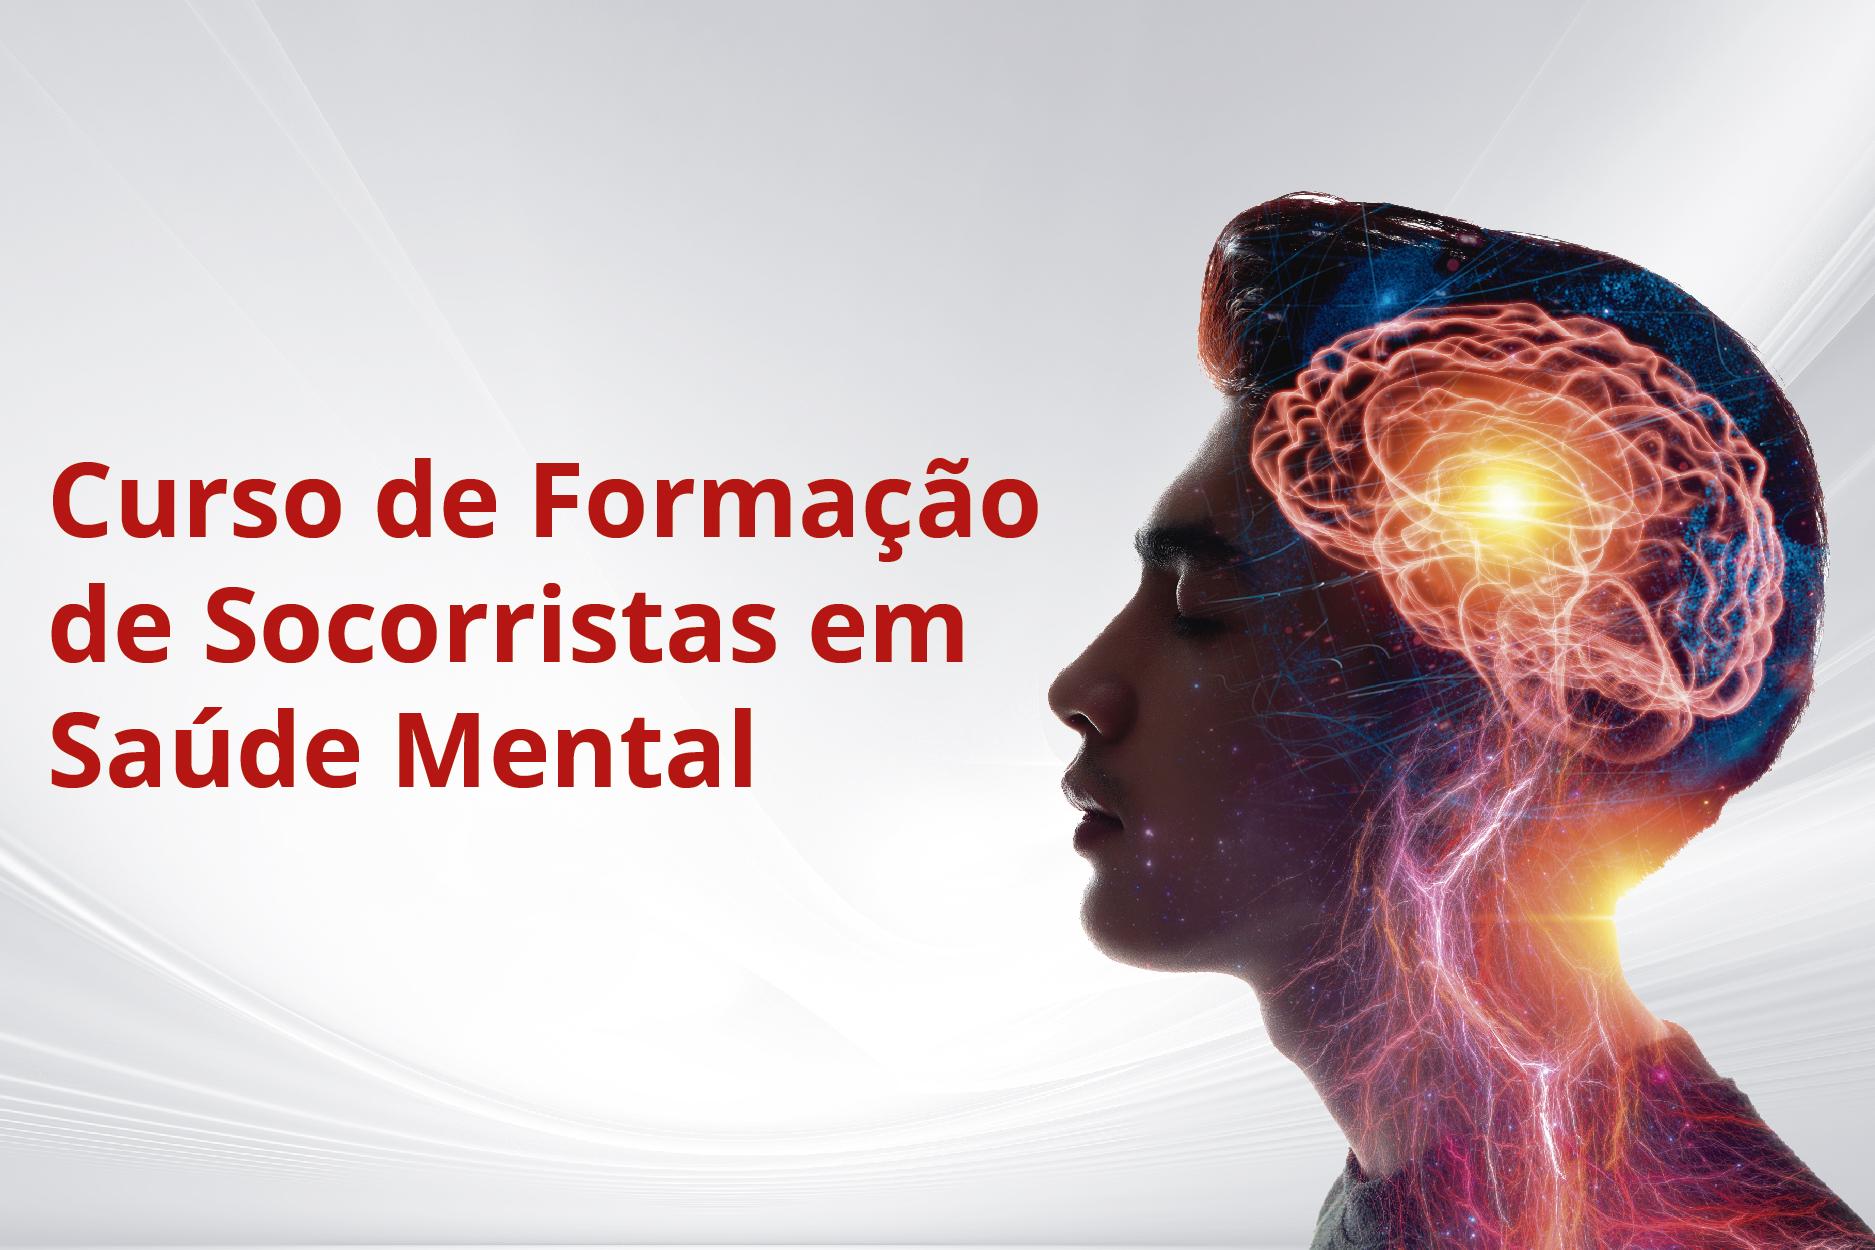 SAUDEMENTAL - Curso de Formação de Socorristas em Saúde Mental (001808 - 2021/1 - INTEGRAL)